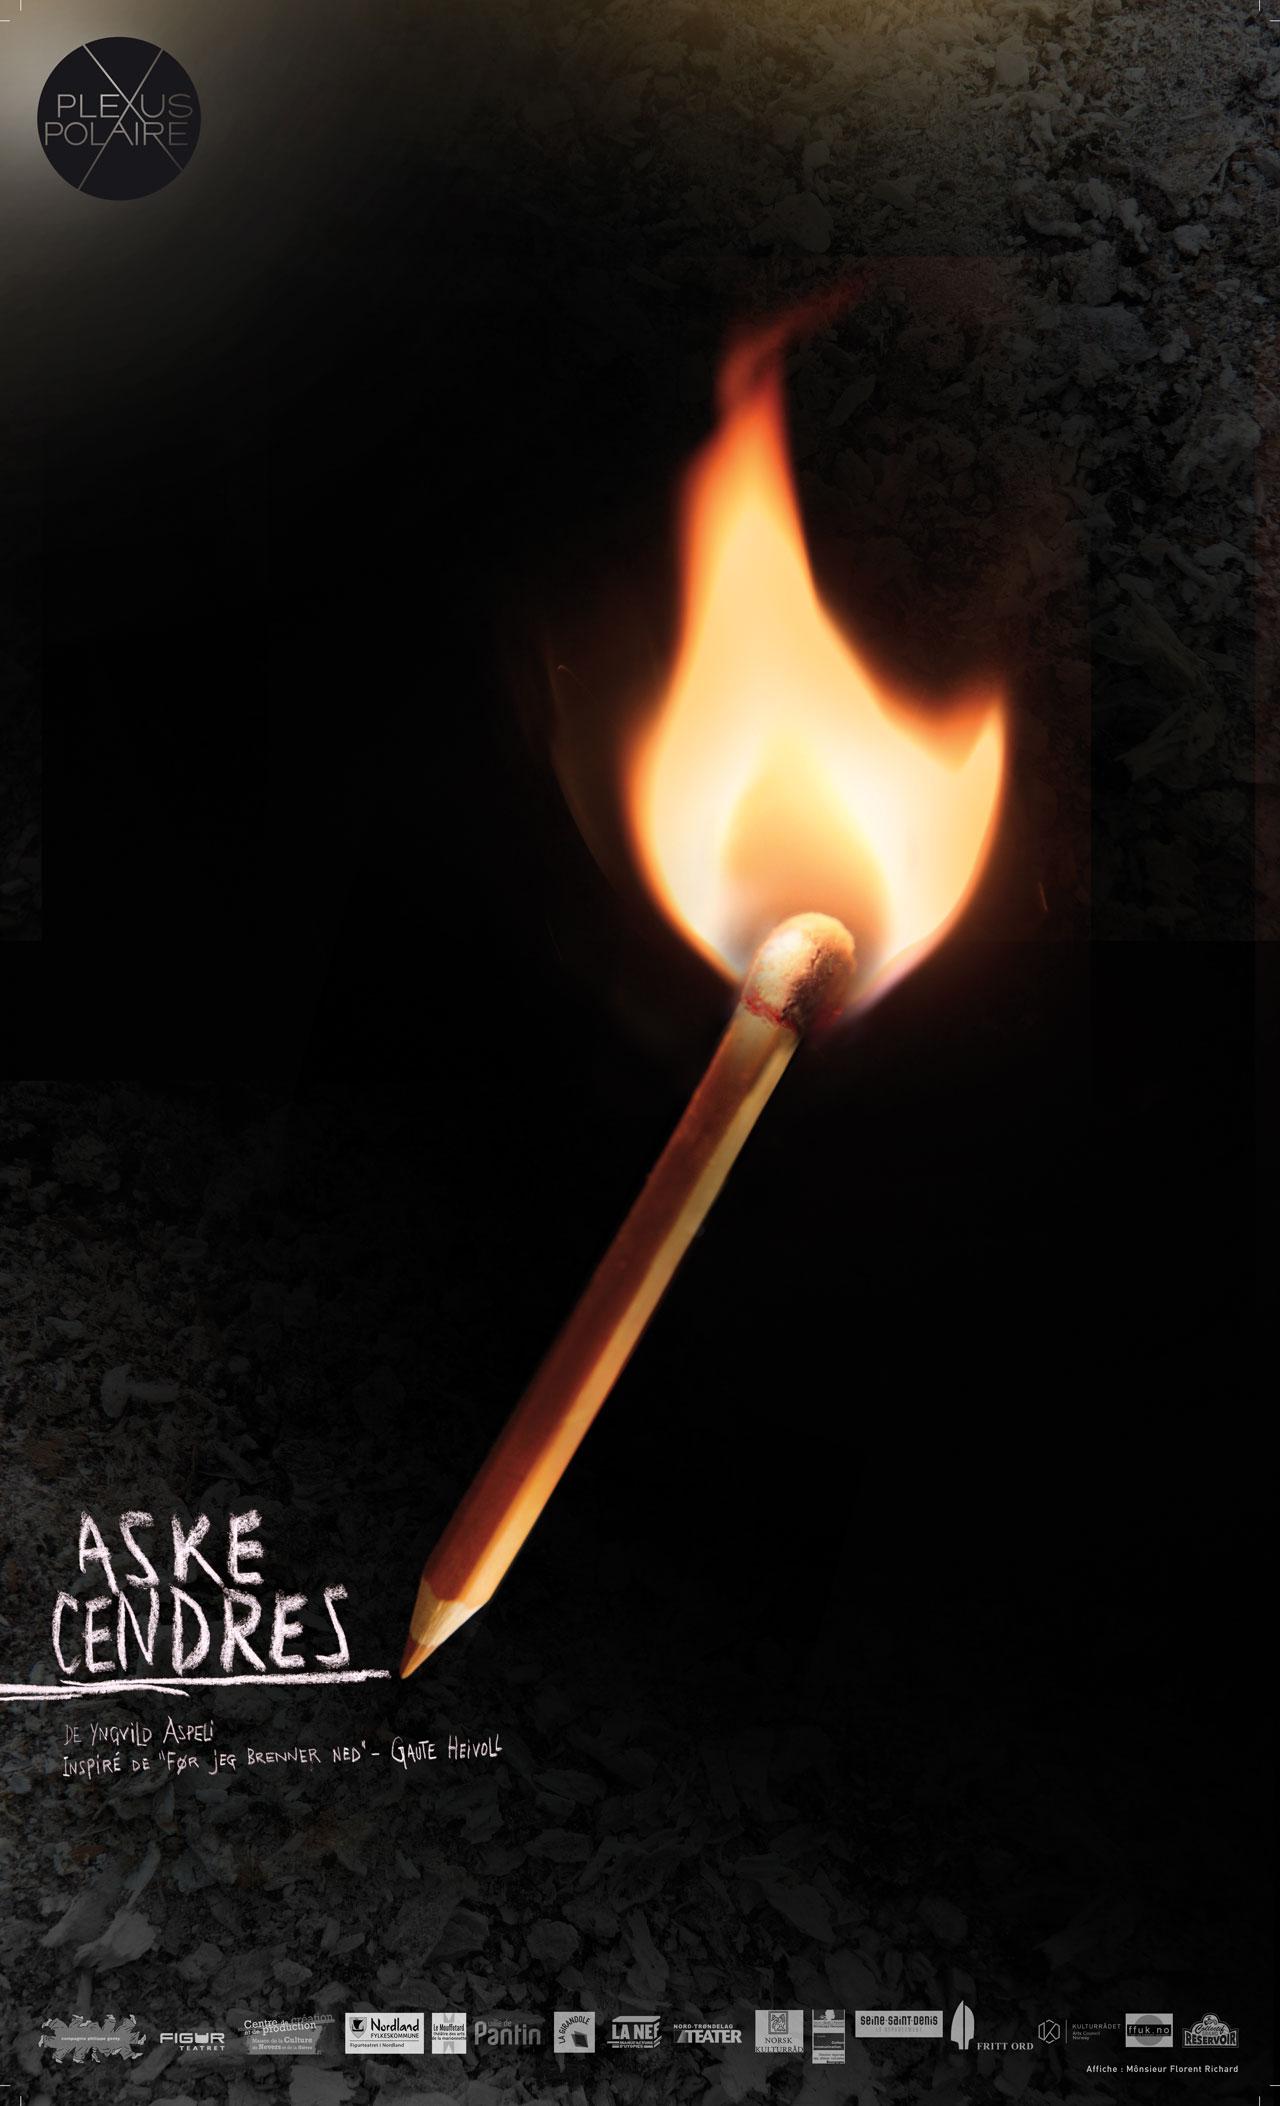 Cendres, un spectacle de la compagnie Plexus Polaire